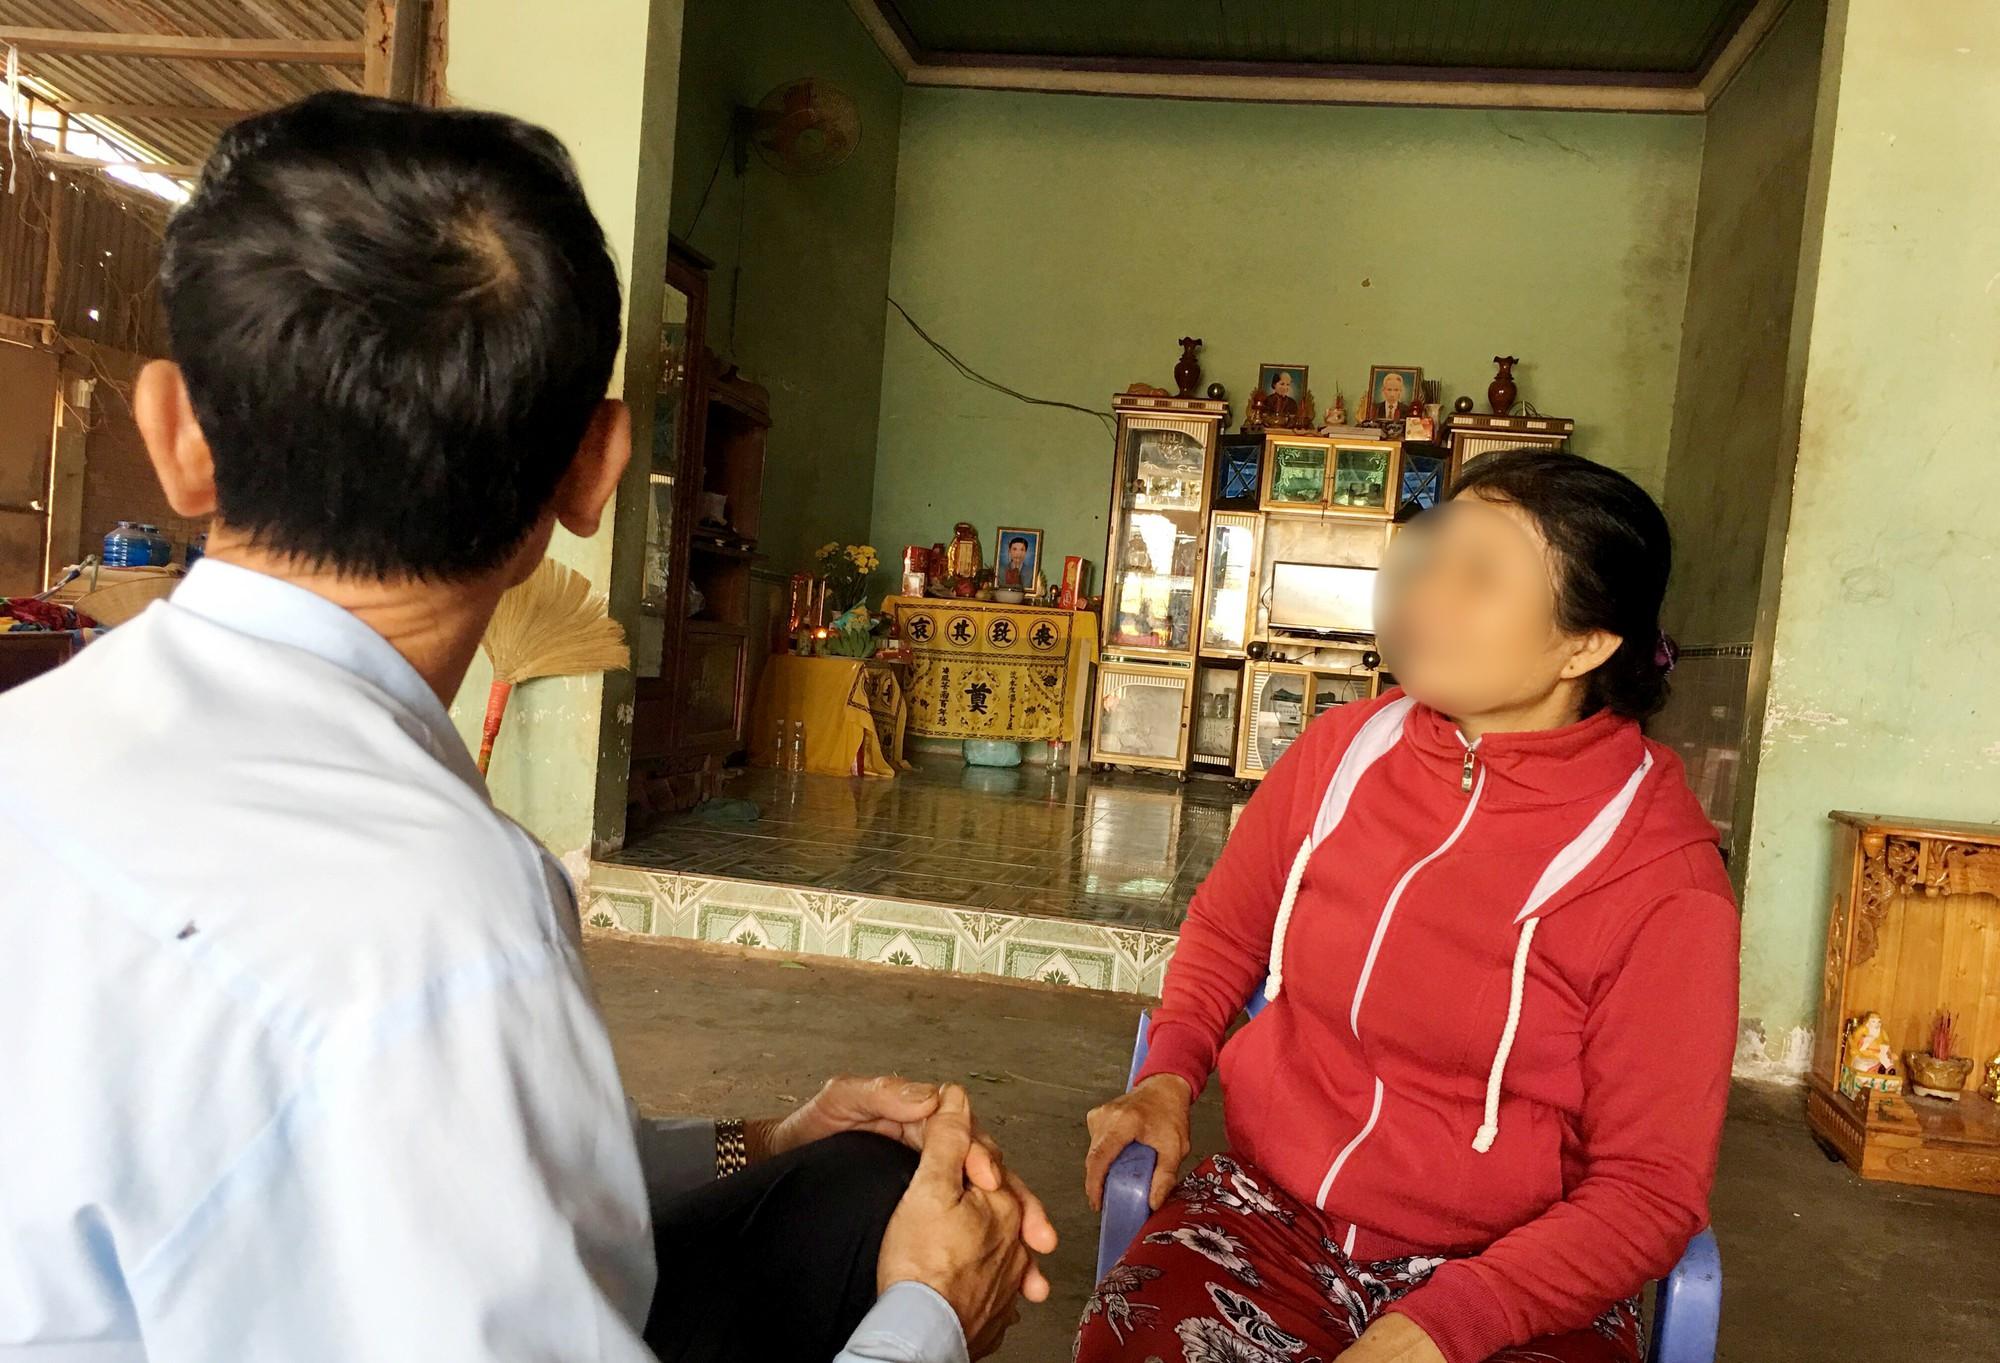 Quá khứ bất hảo của nghi phạm hiếp dâm, ném bé gái 4 tuổi xuống giếng ở Bình Phước - Ảnh 1.